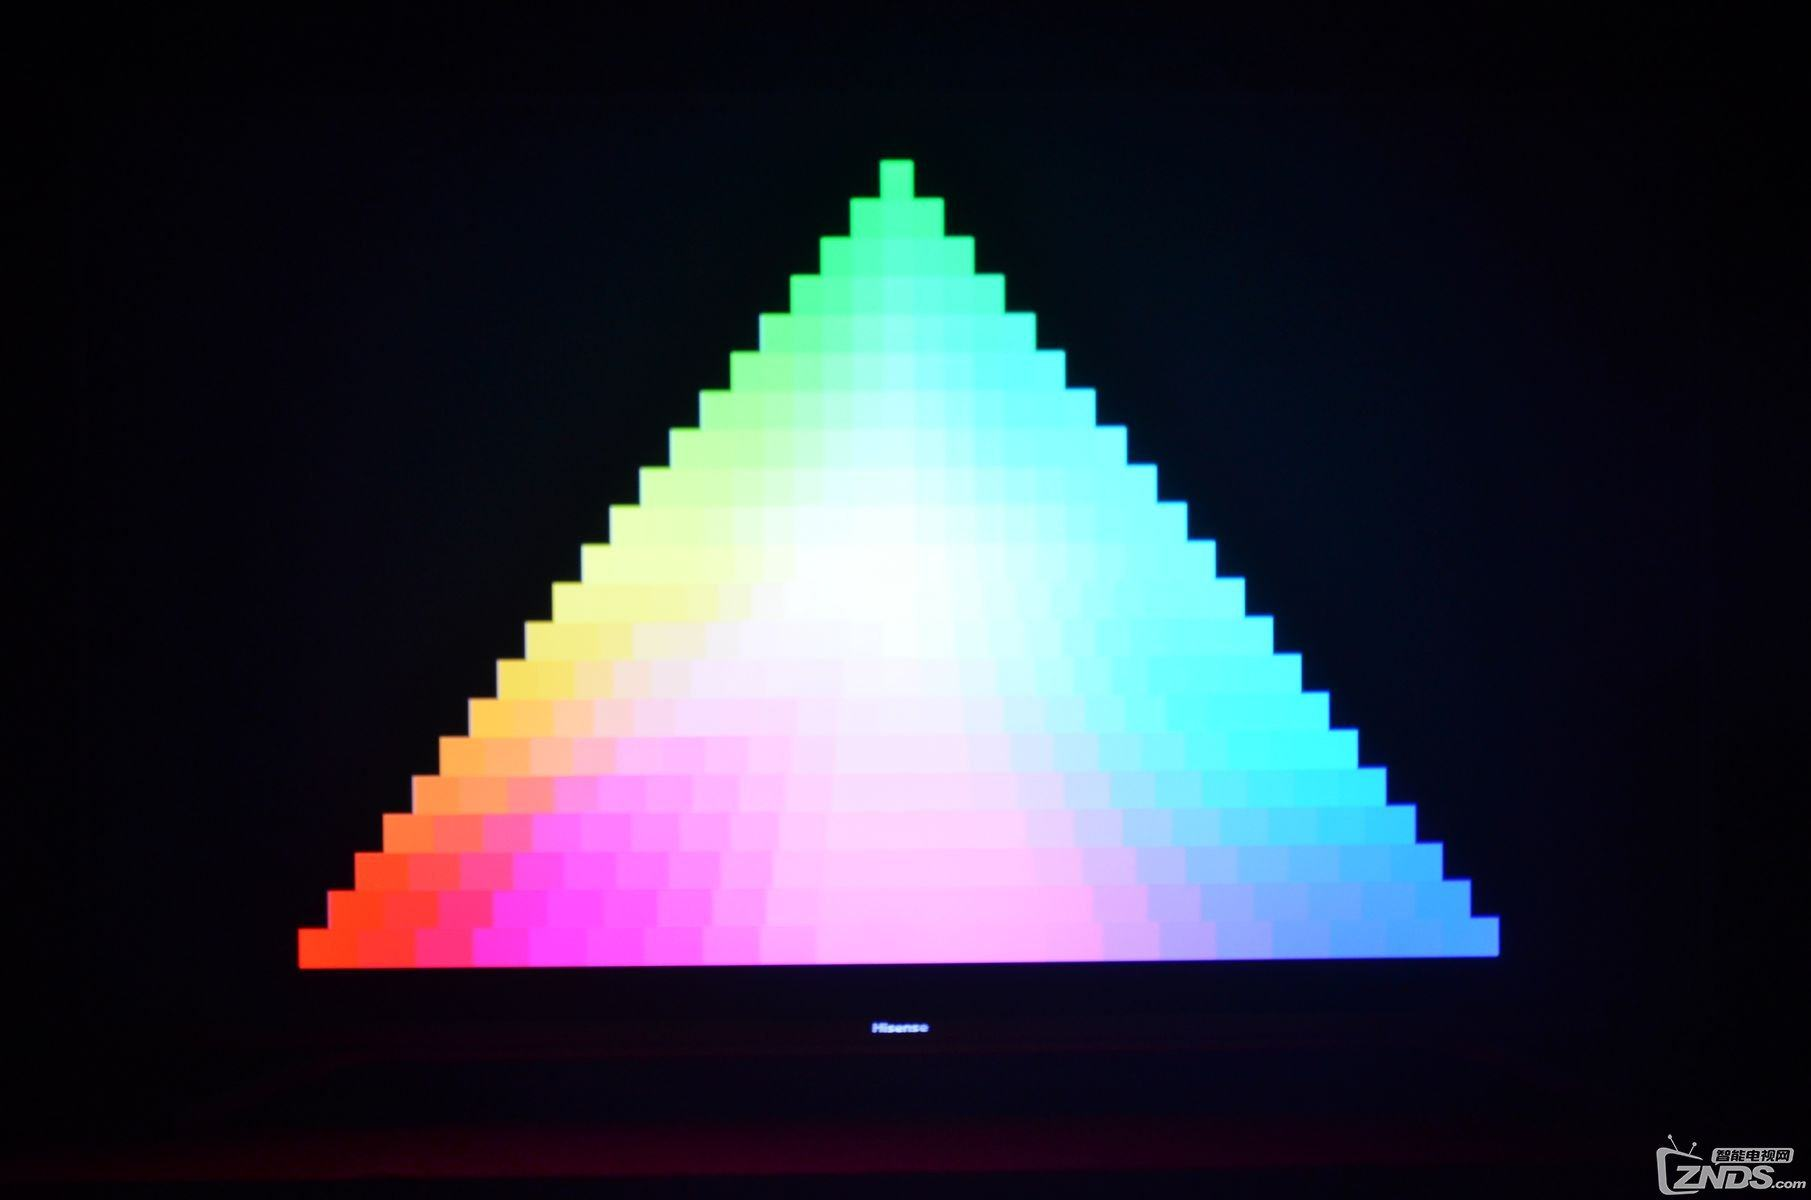 带你一起看世界 海信超画质电视MU7000首测